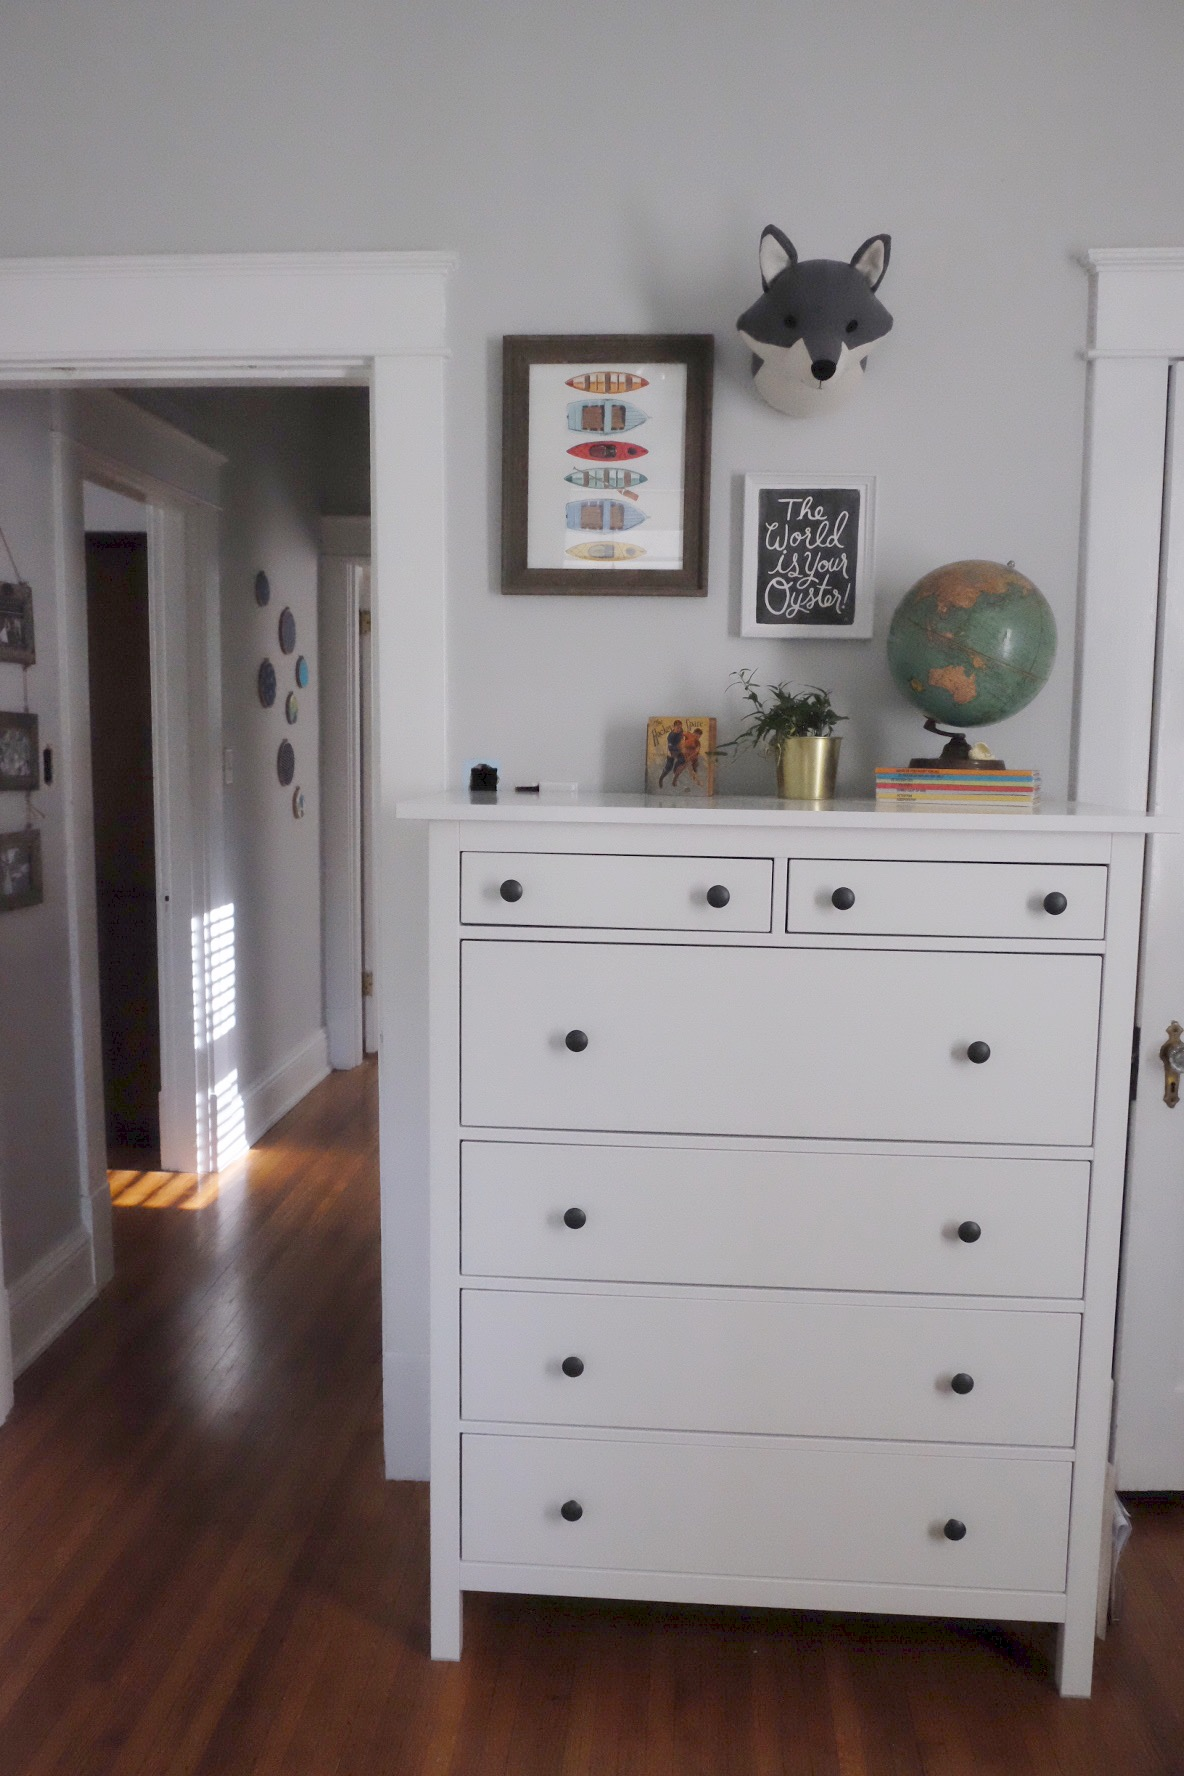 Dresser:  IKEA | Globe: vintage | Books: Vintage | Planter:  IKEA